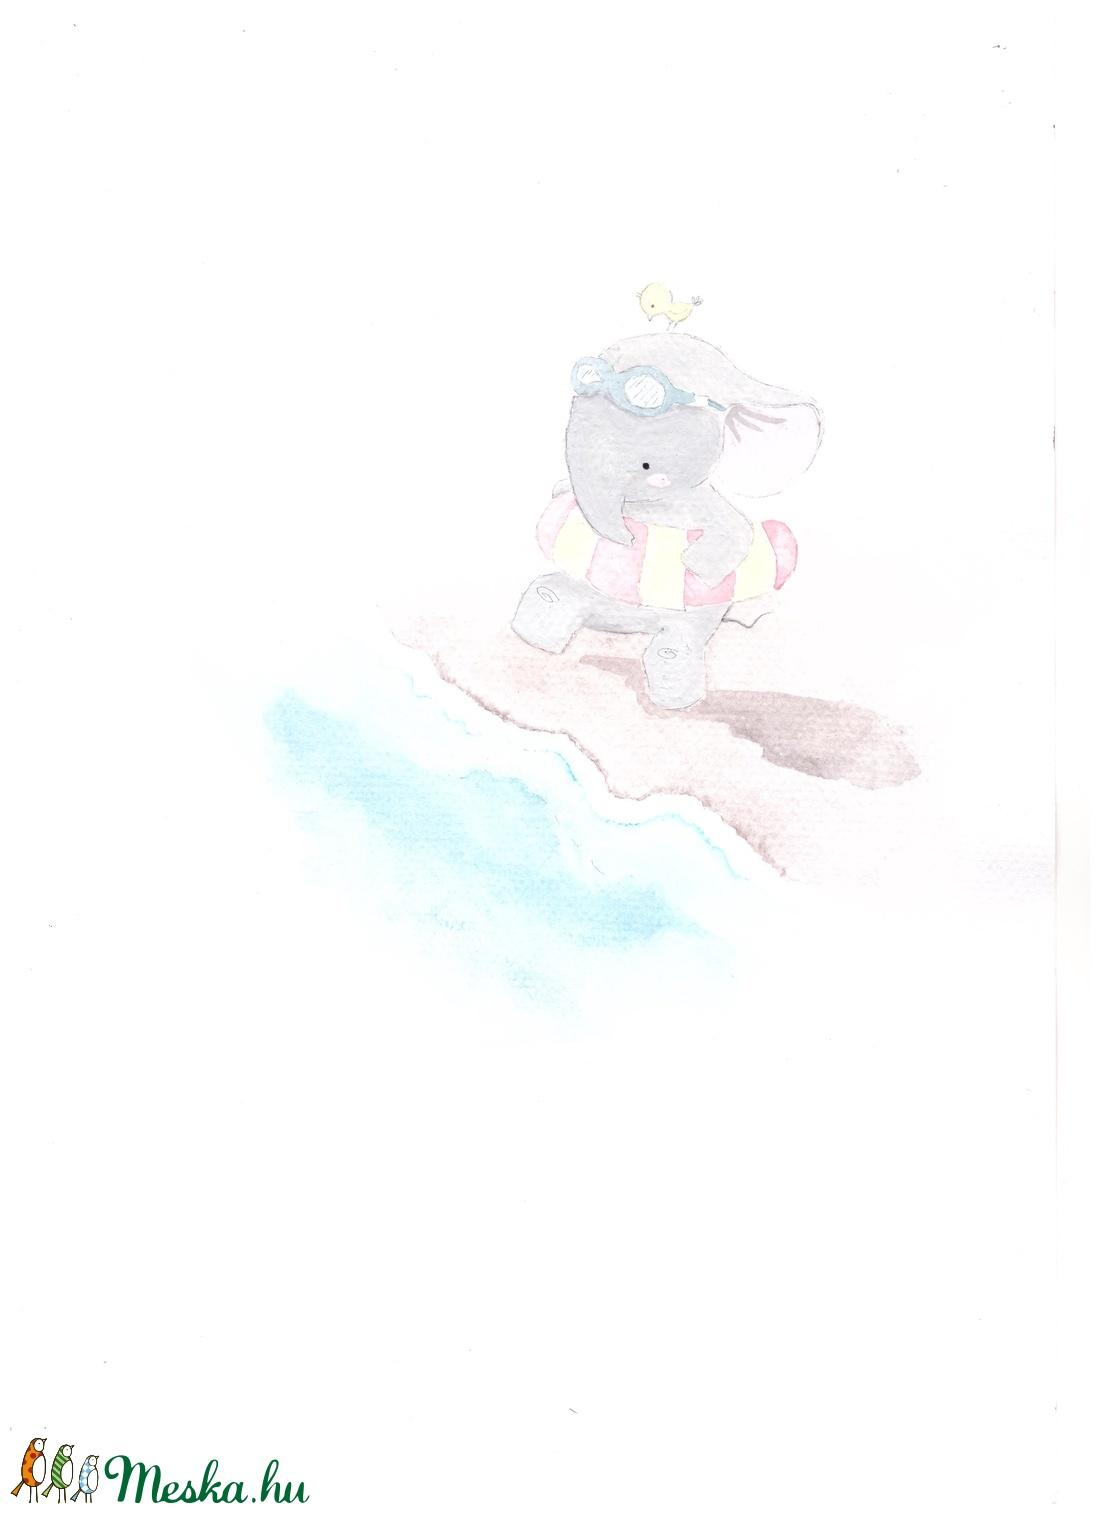 Kalandra fel! (Angyalpottyantas) - Meska.hu